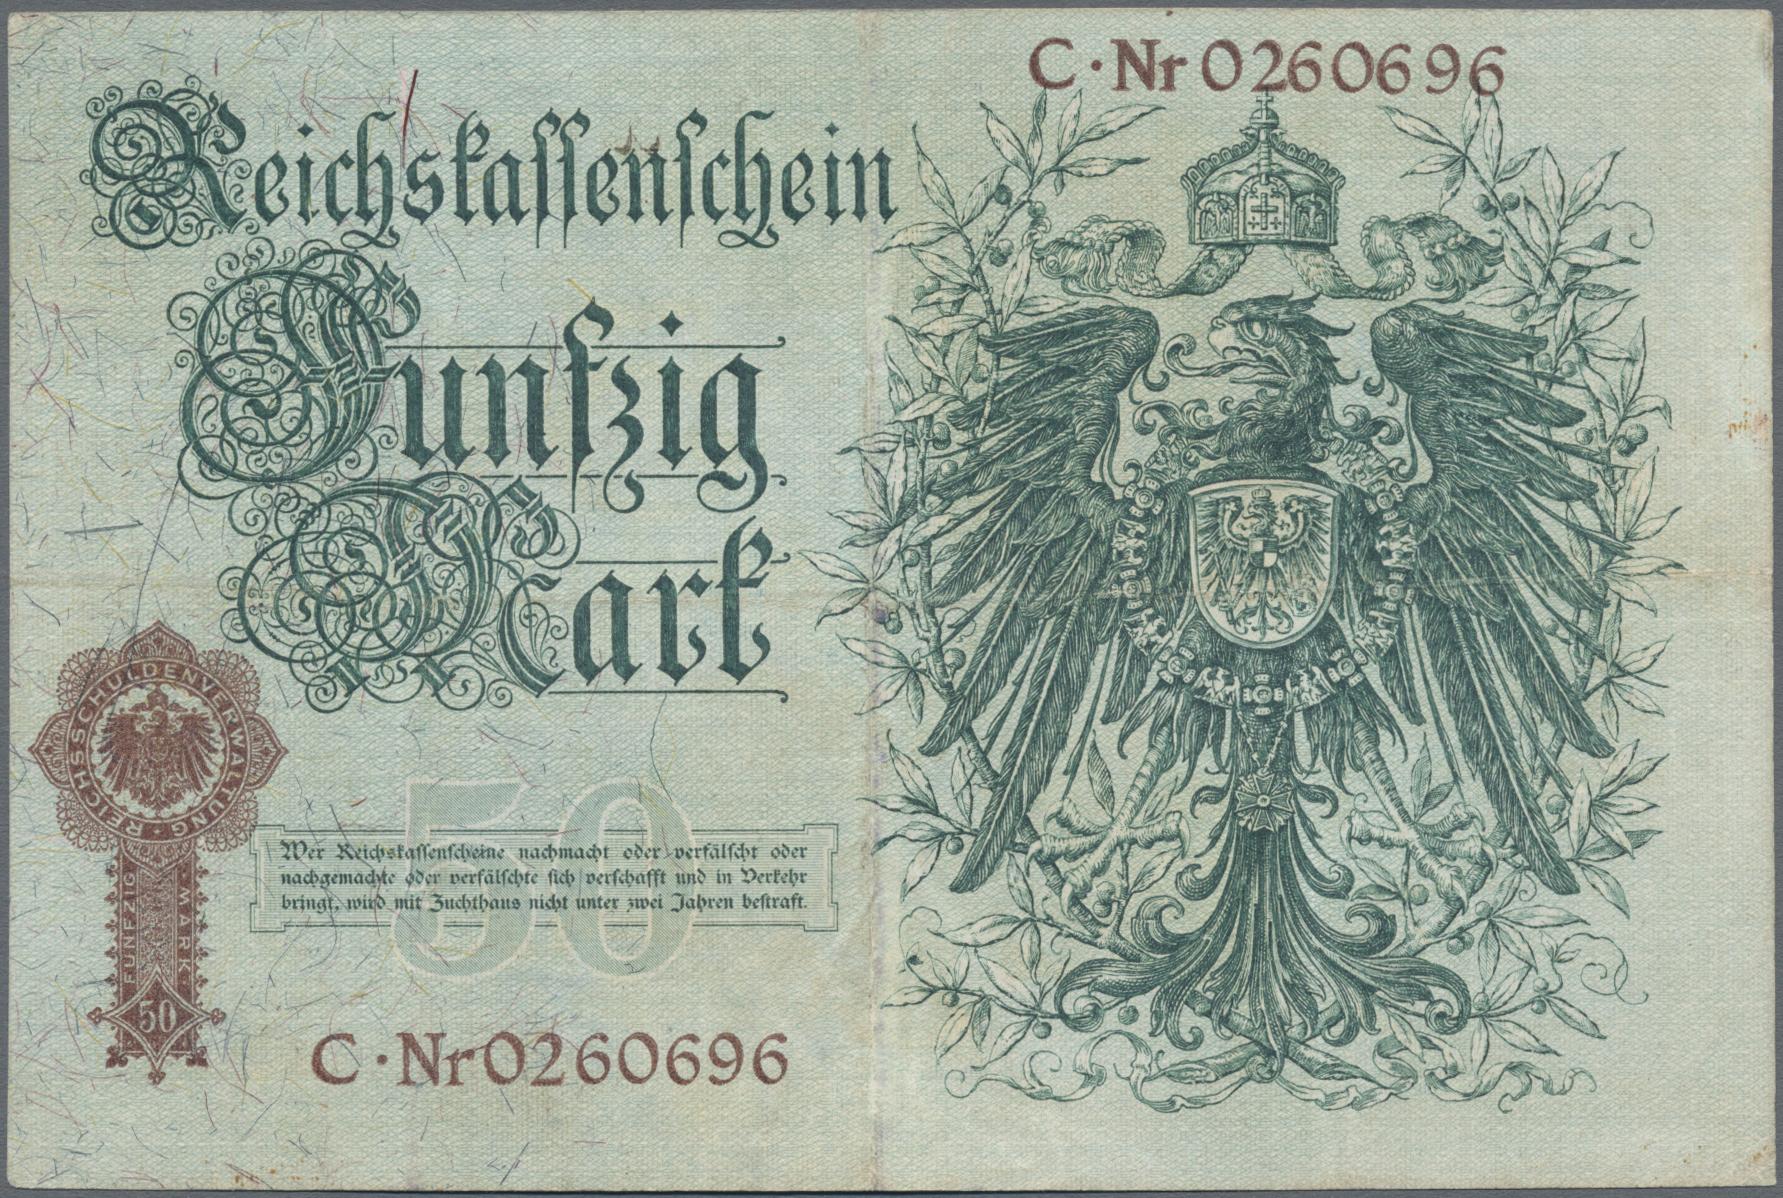 Lot 03319 - Deutschland - Deutsches Reich bis 1945 | Banknoten  -  Auktionshaus Christoph Gärtner GmbH & Co. KG Sale #45 Banknotes Germany/Numismatics